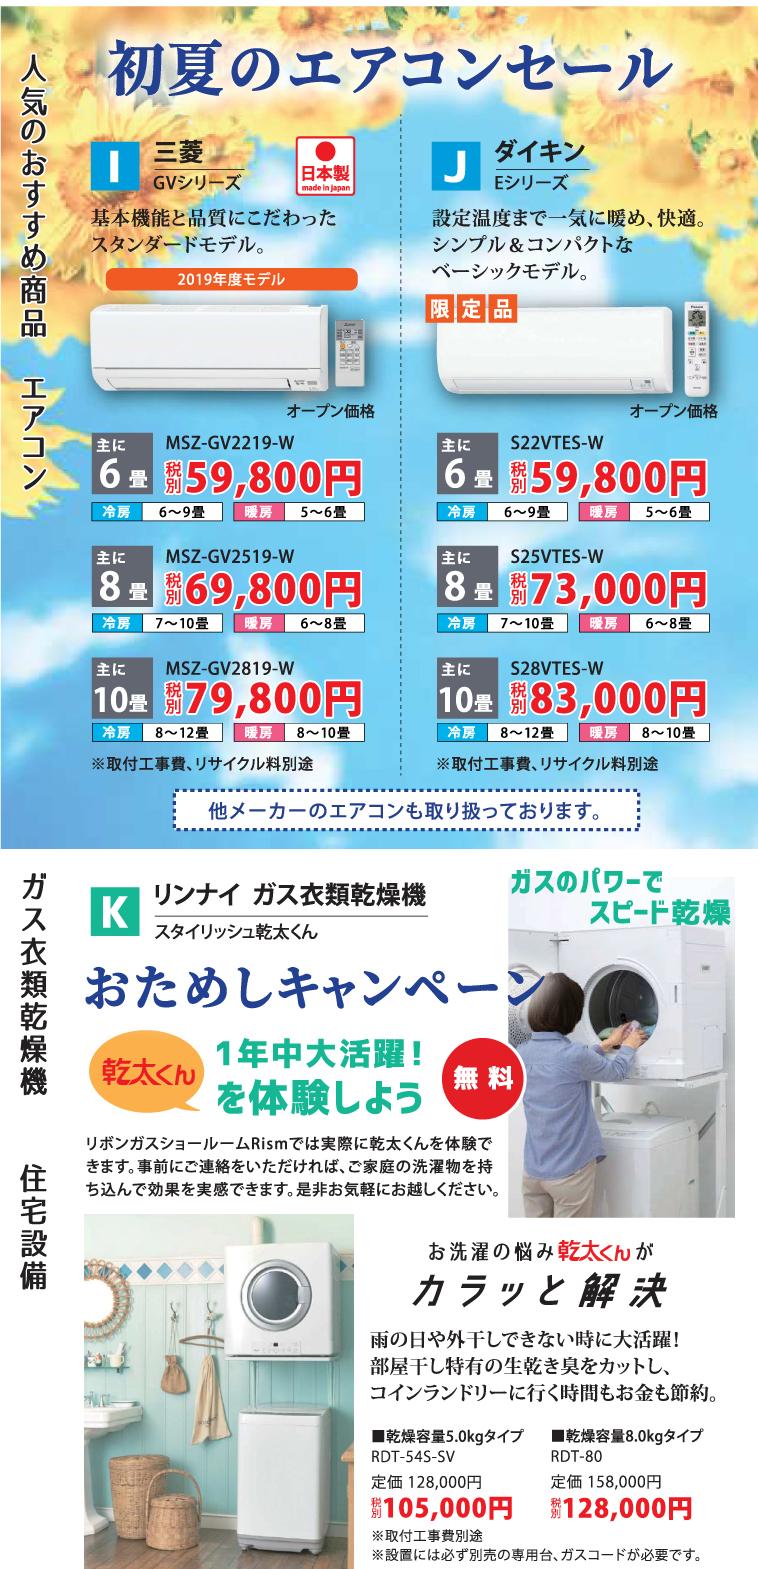 エアコン59,800円~ ガス衣類乾燥機105,000円 リボンガス株式会社 チラシ